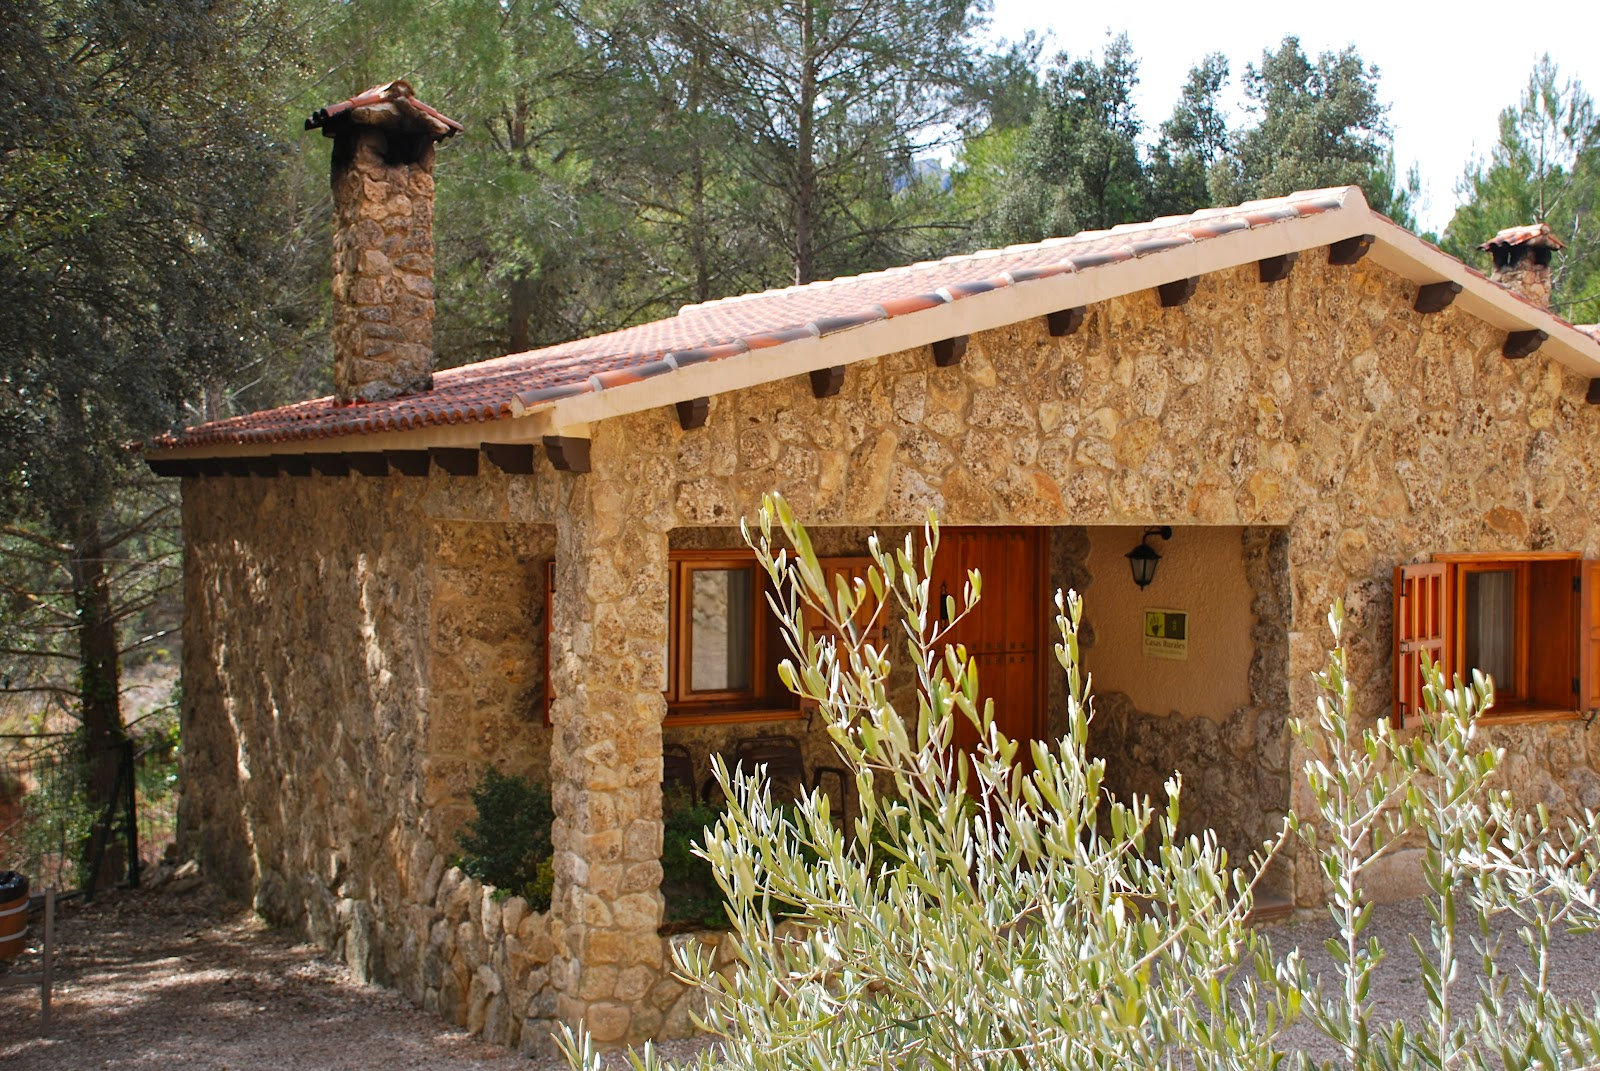 Casa rural para dos personas en casas rurales batan r o tus en yeste albacete casas rurales - Casas rurales huelva para 2 personas ...